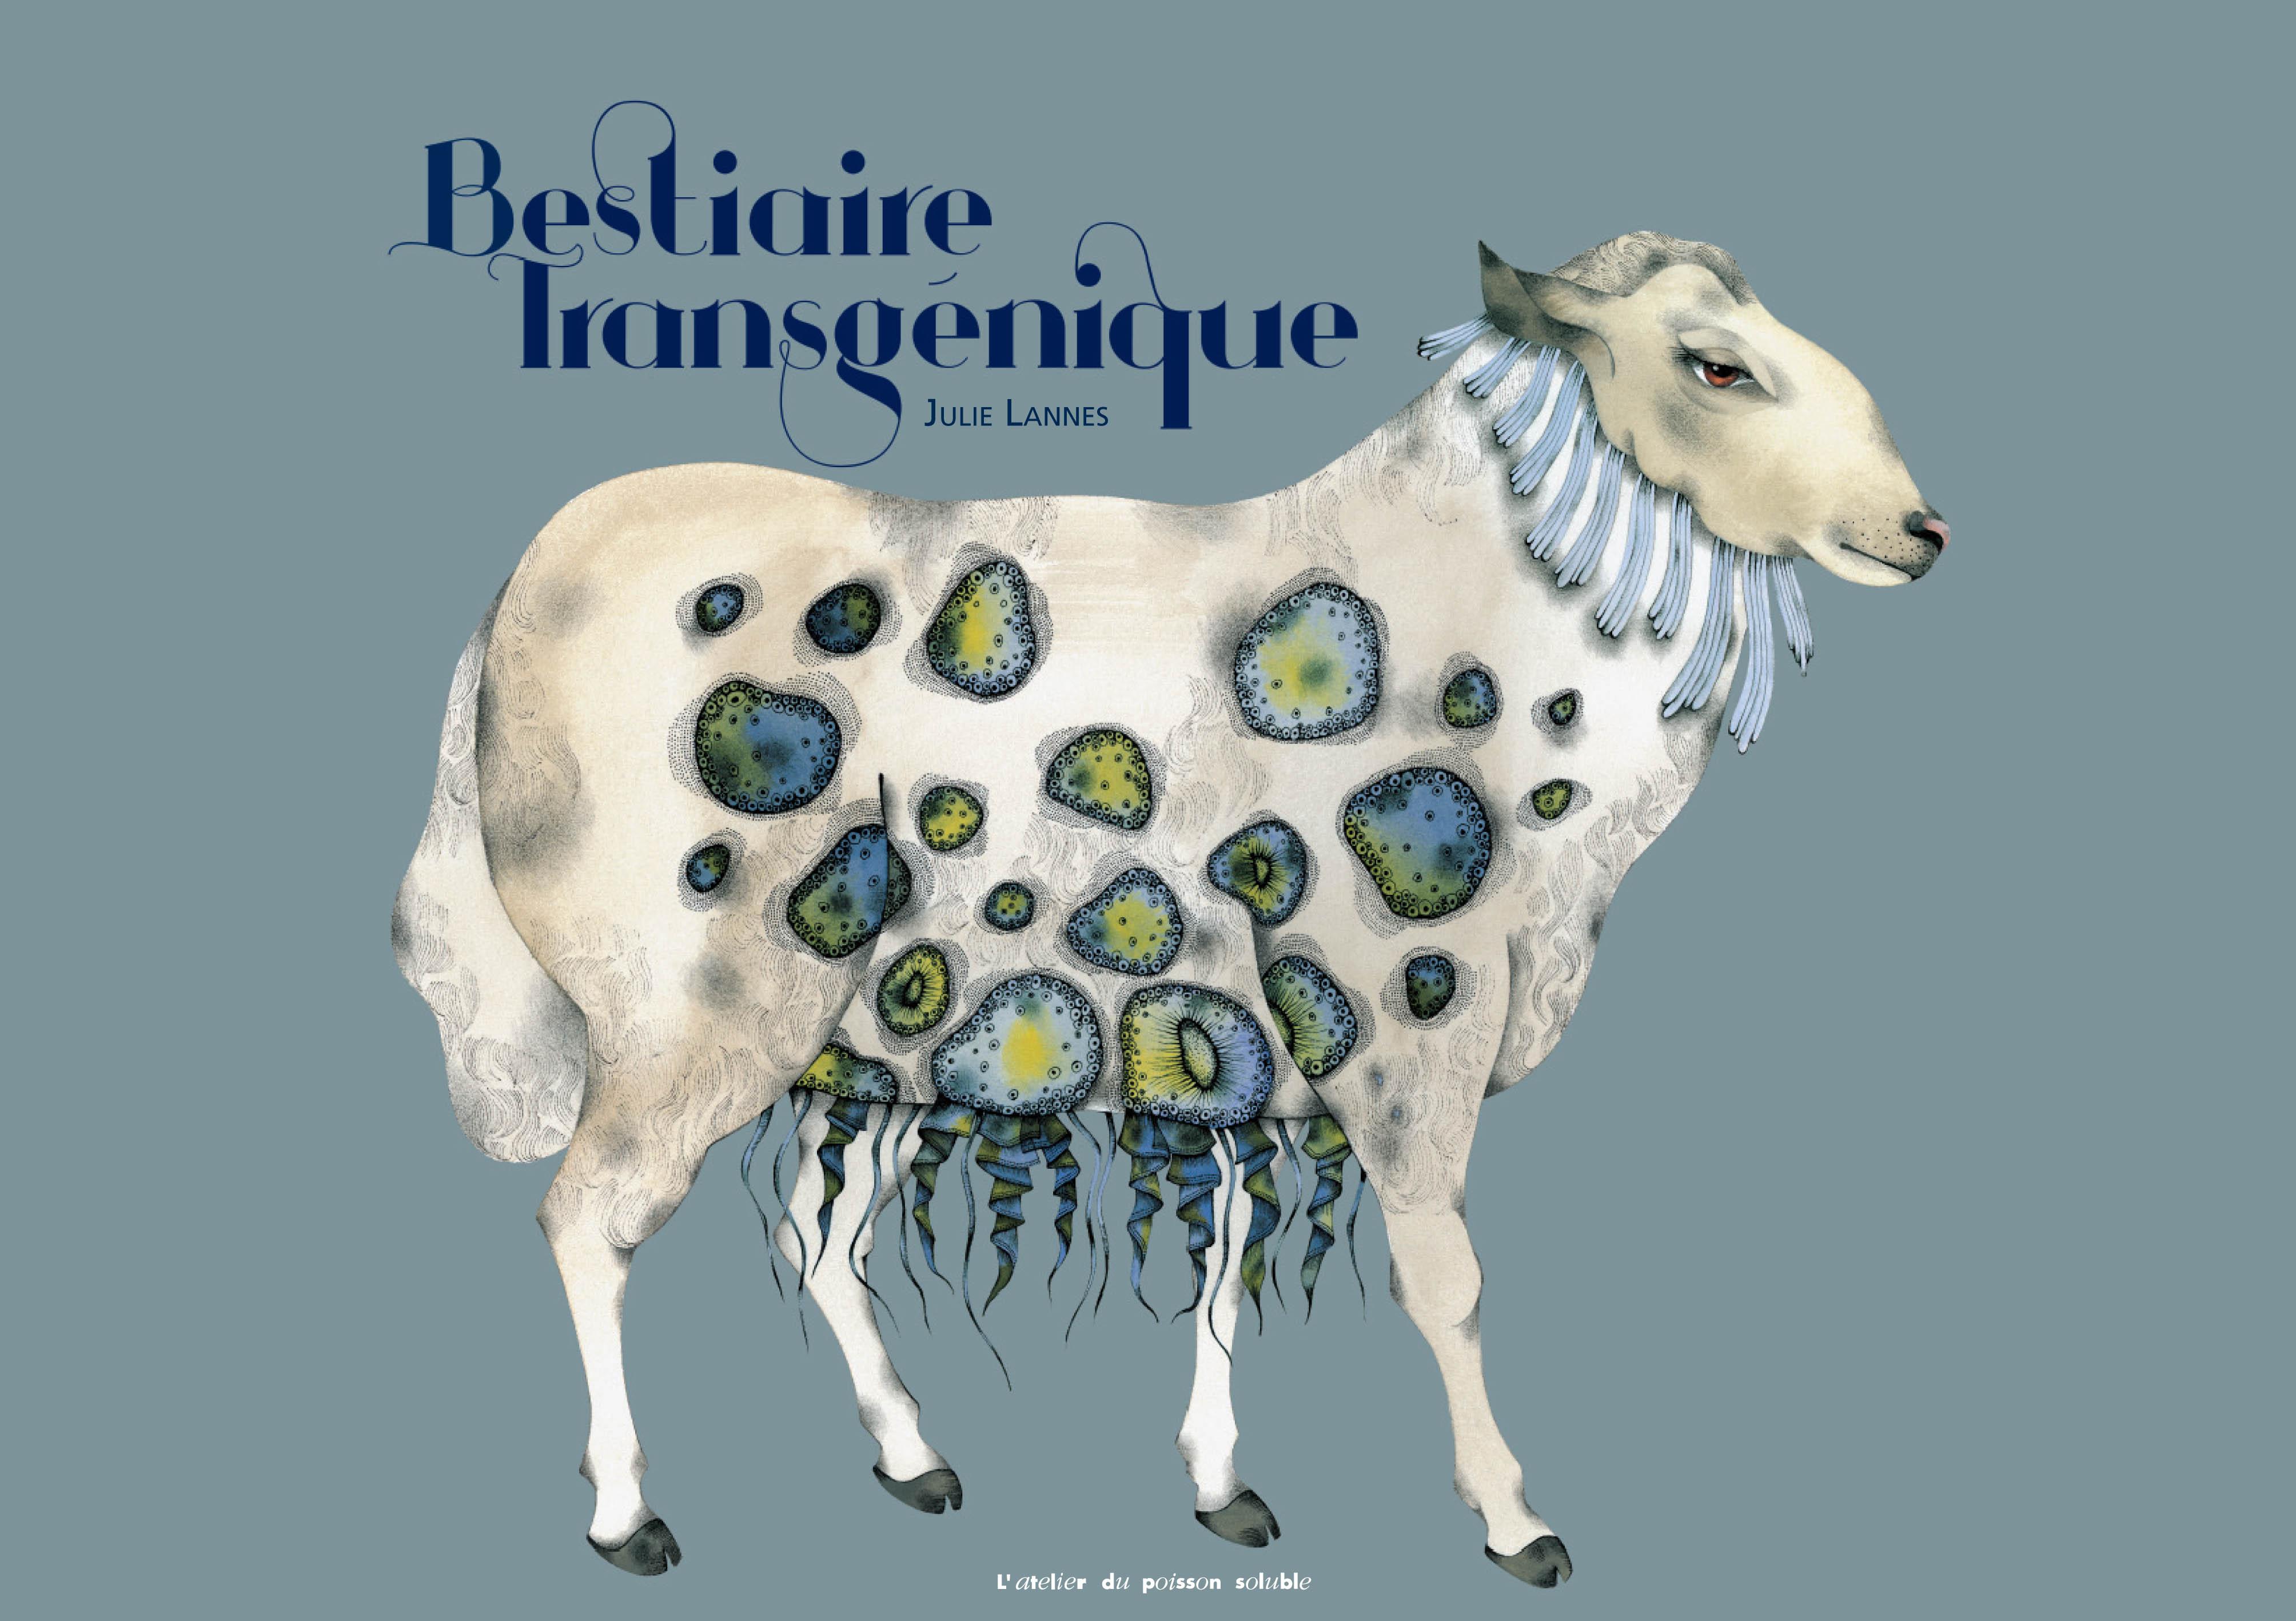 Transgenic Bestiary